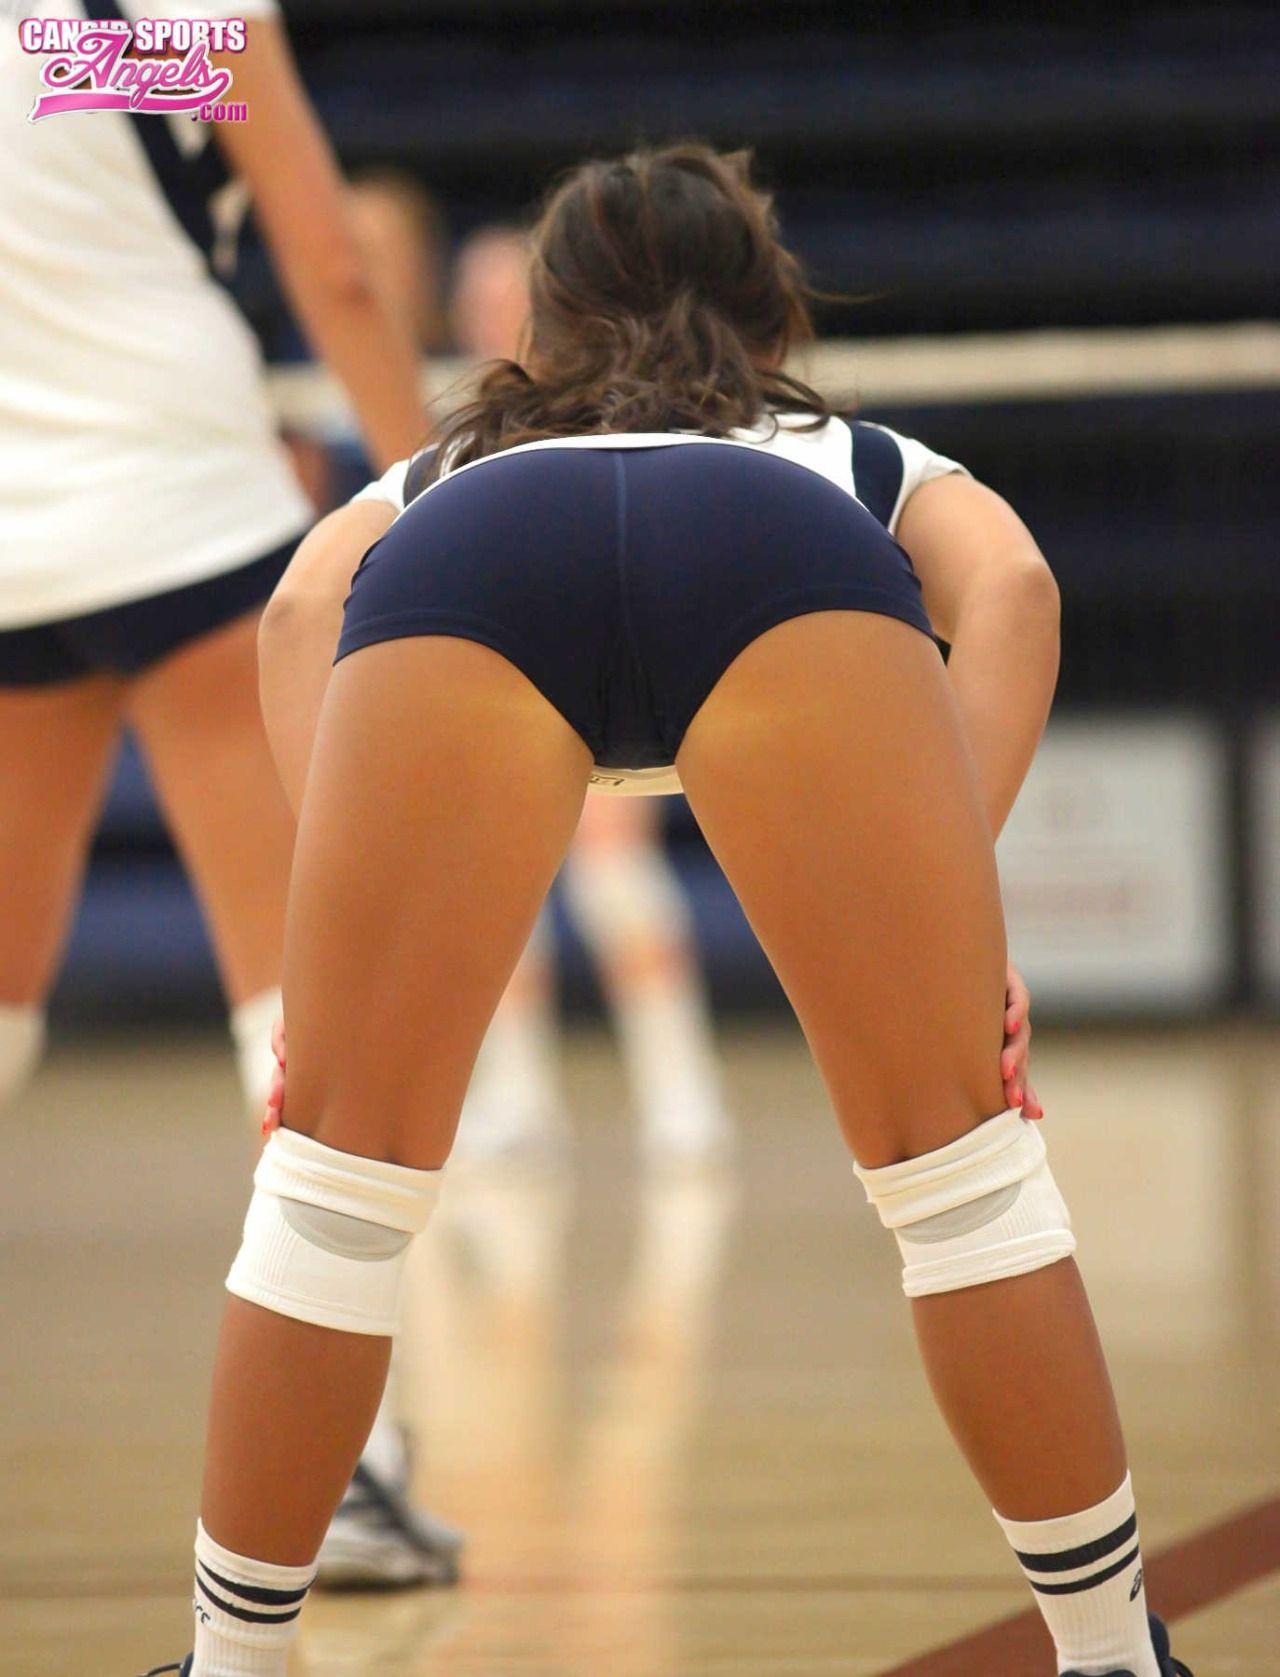 Ladies Sport Volleyball Girls Volleyball Shorts Volleyball Shorts Women Volleyball